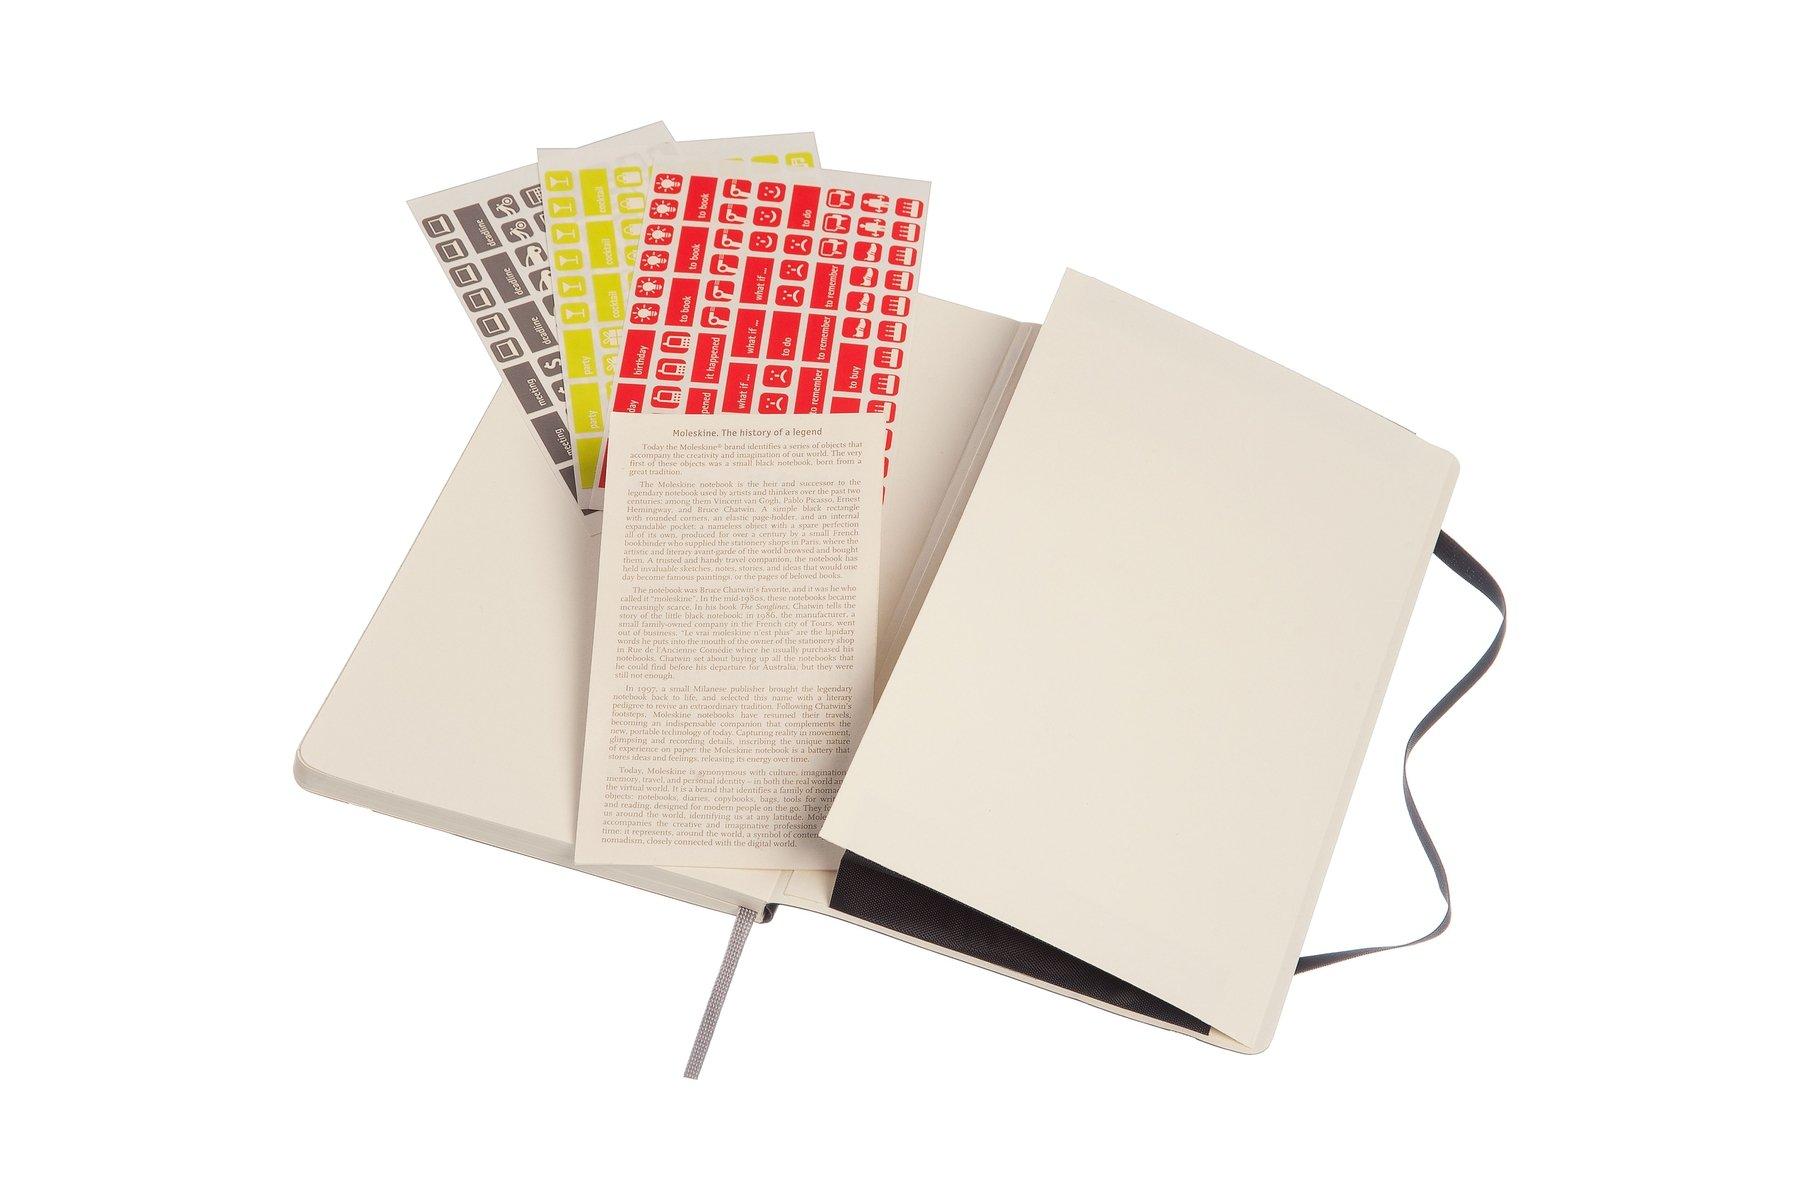 moleskine 2016 2017 weekly notebook 18m large black soft cover moleskine 2016 2017 weekly notebook 18m large black soft cover 5 x 8 25 moleskine 8051272893465 amazon com books